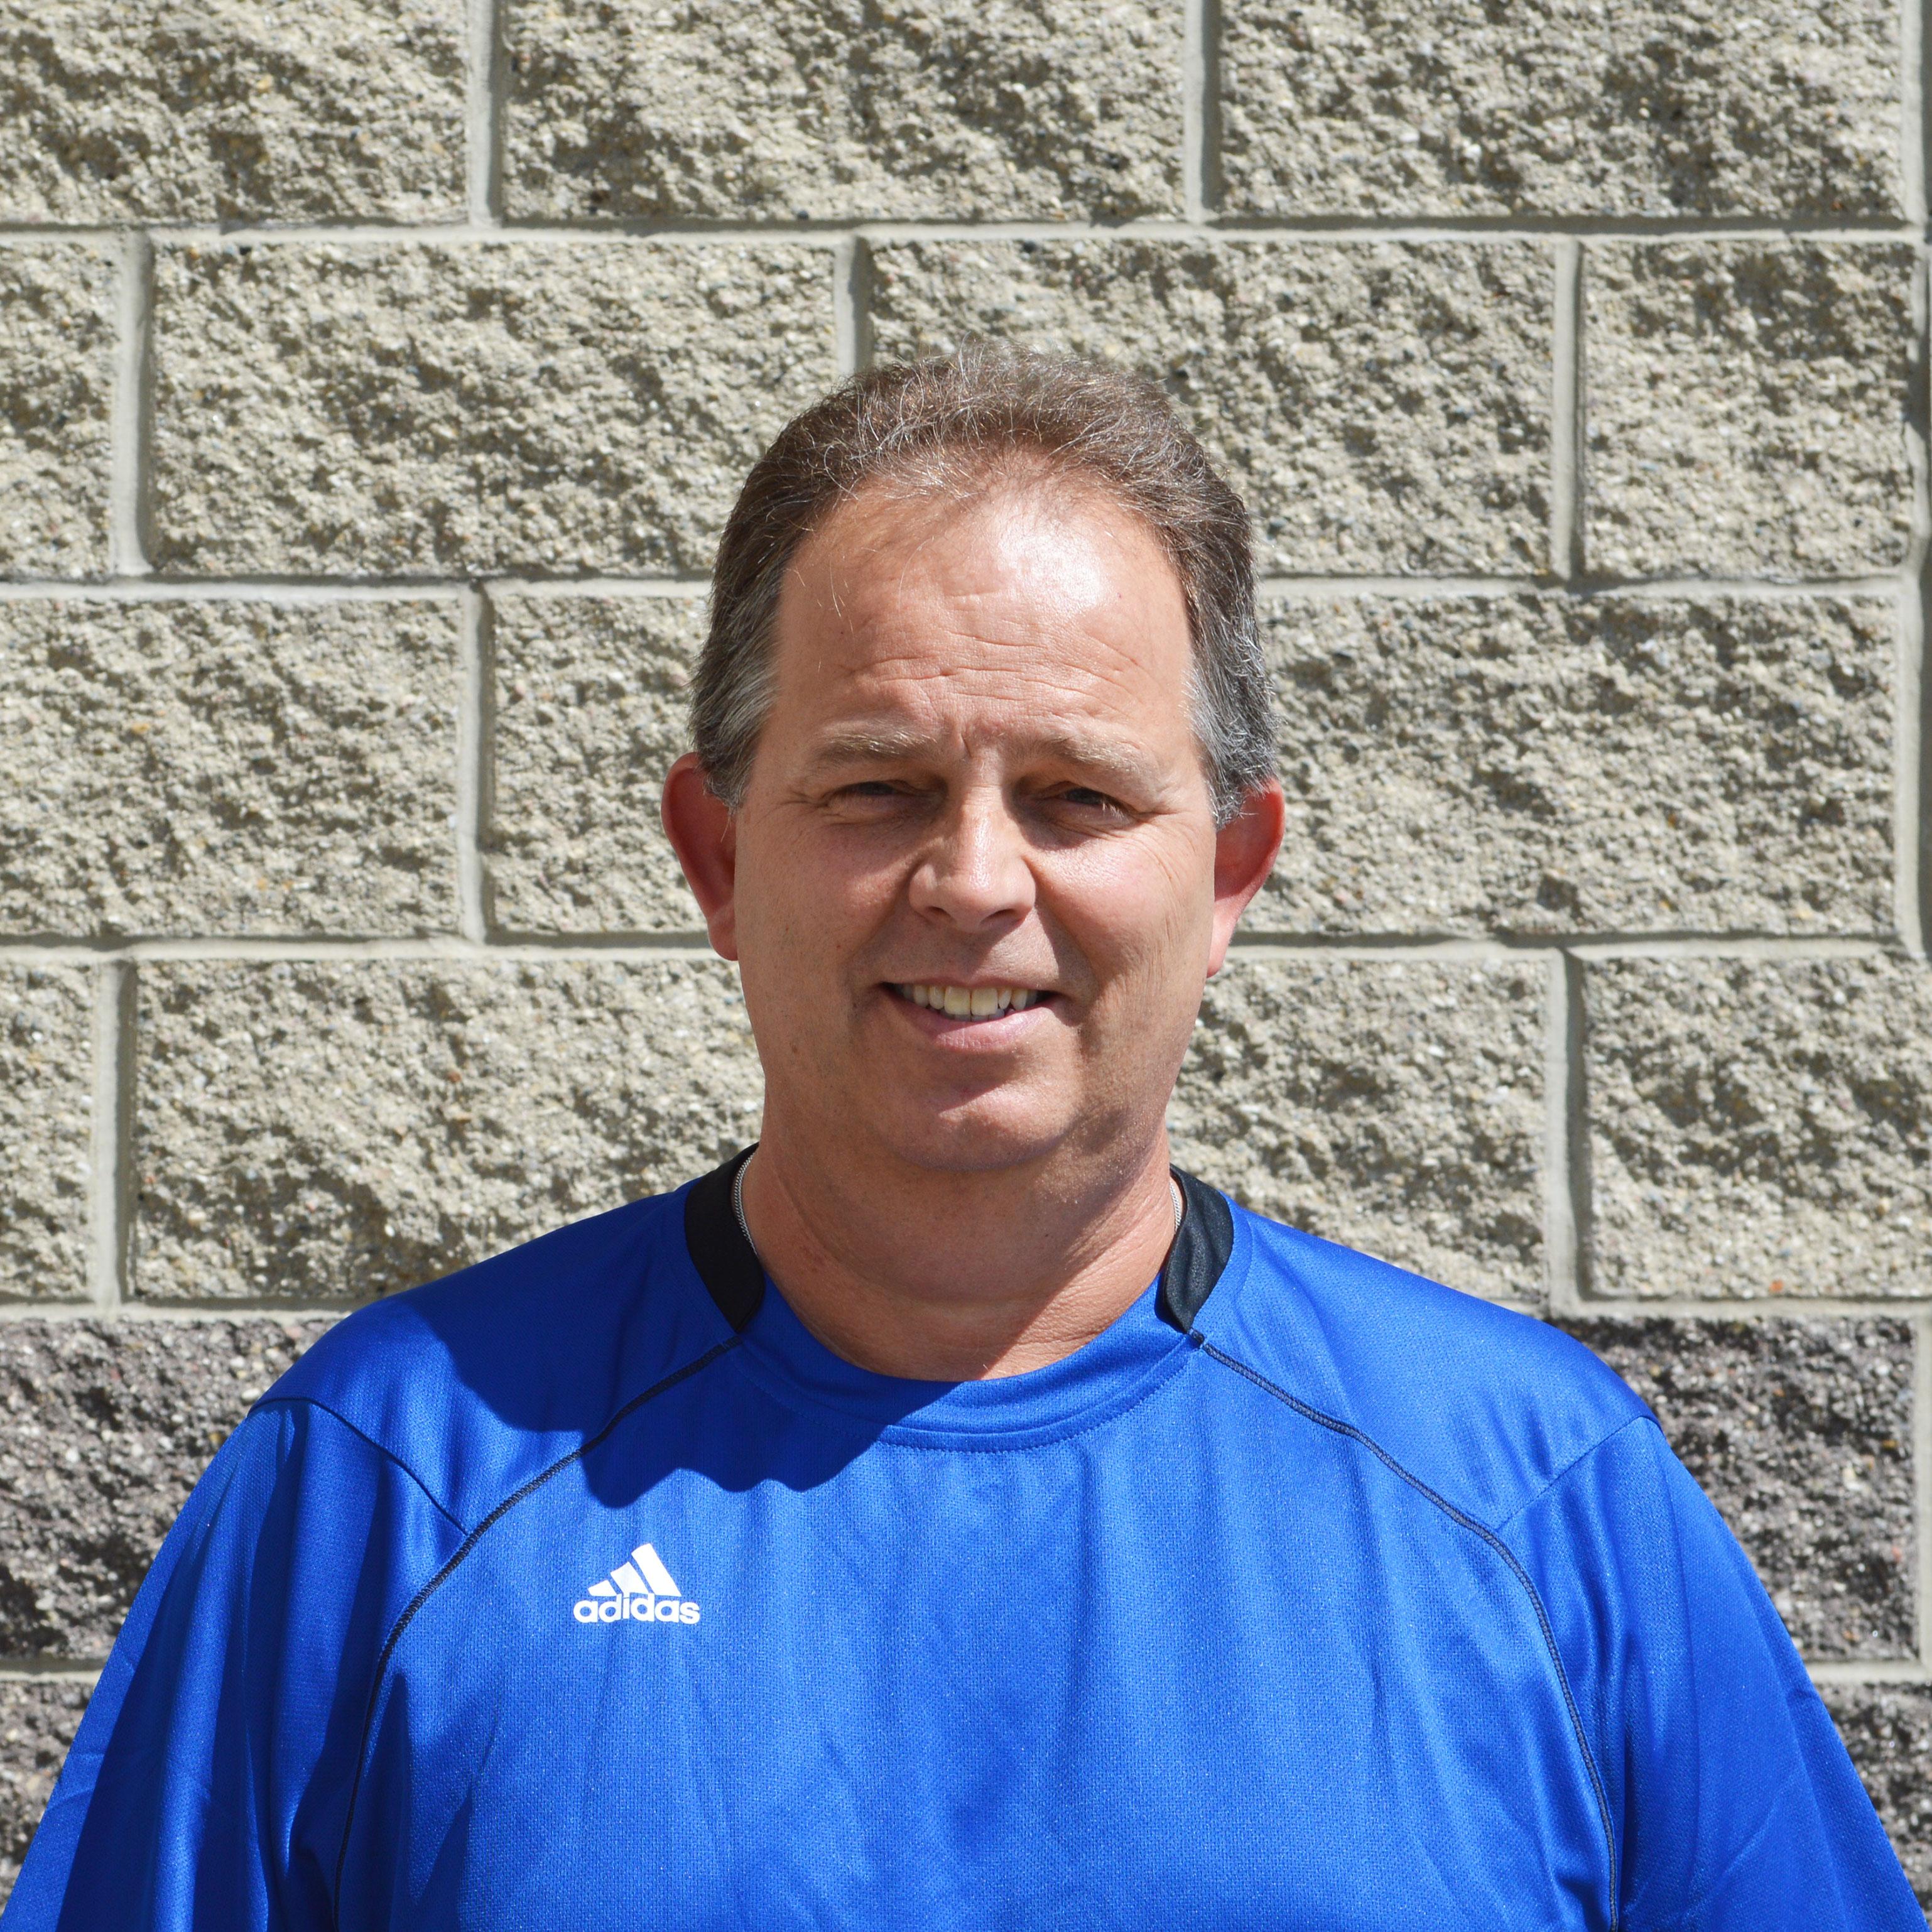 Muskegon Rescue Mission Team Member Chris Thompson Portrait